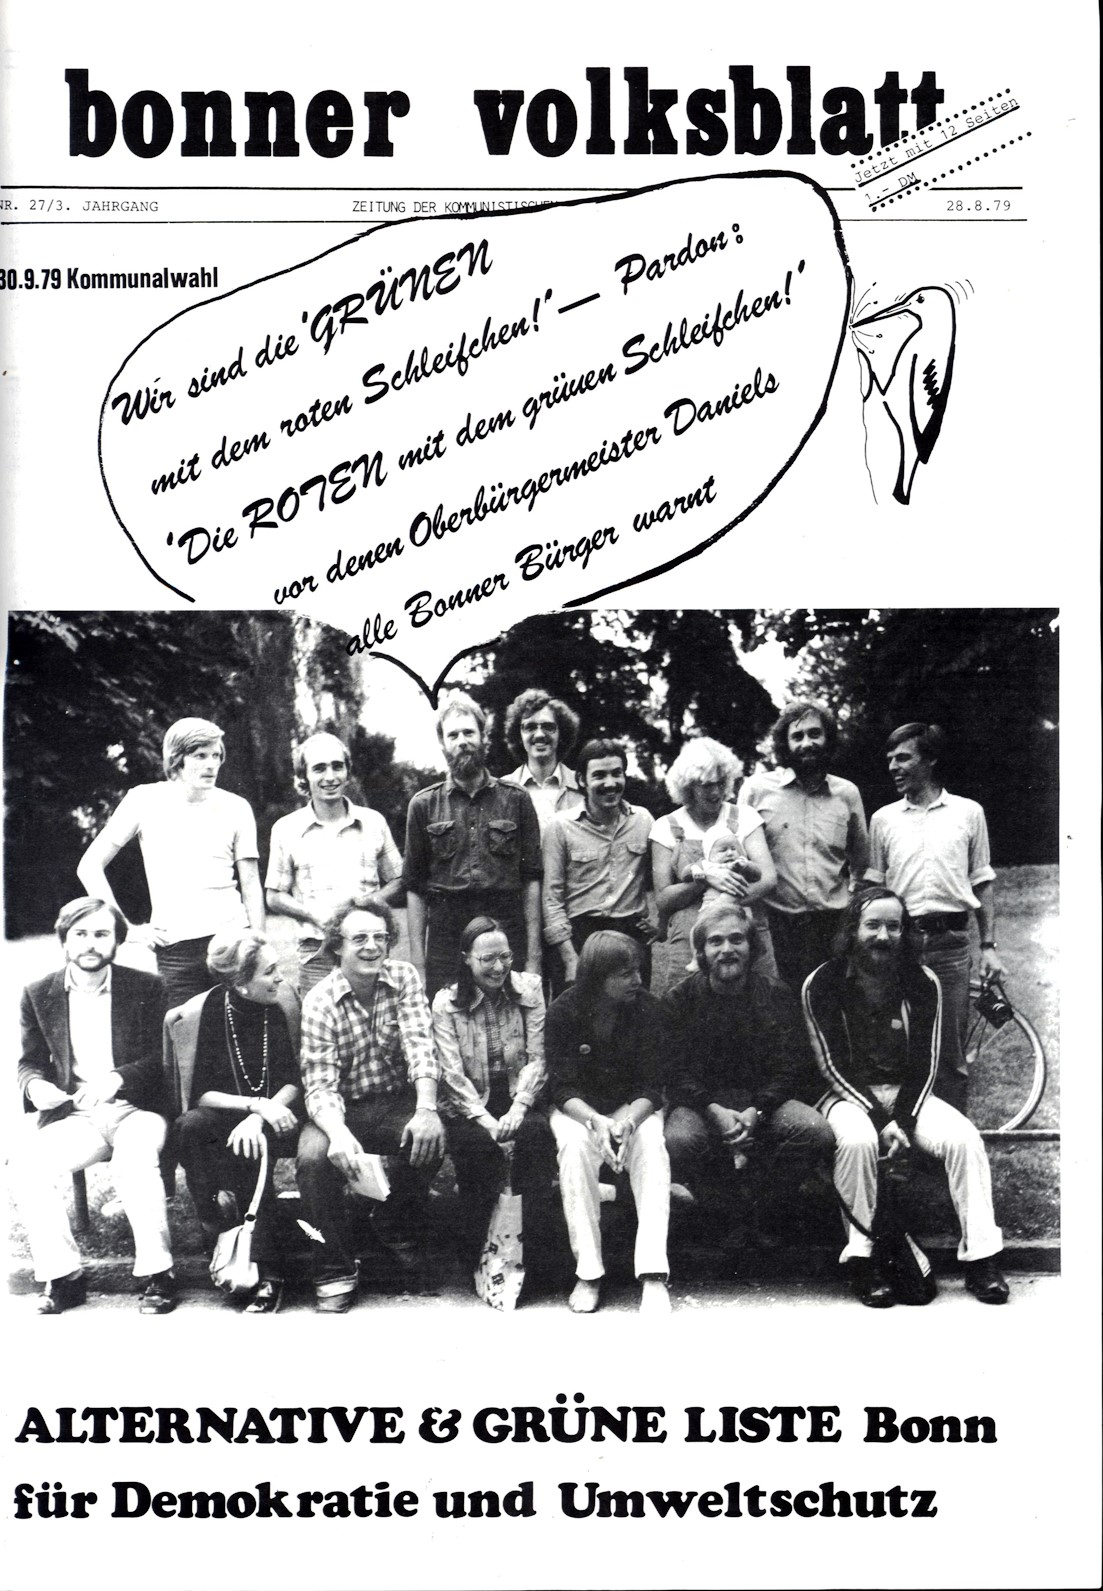 Bonner_Volksblatt_27_19790828_01